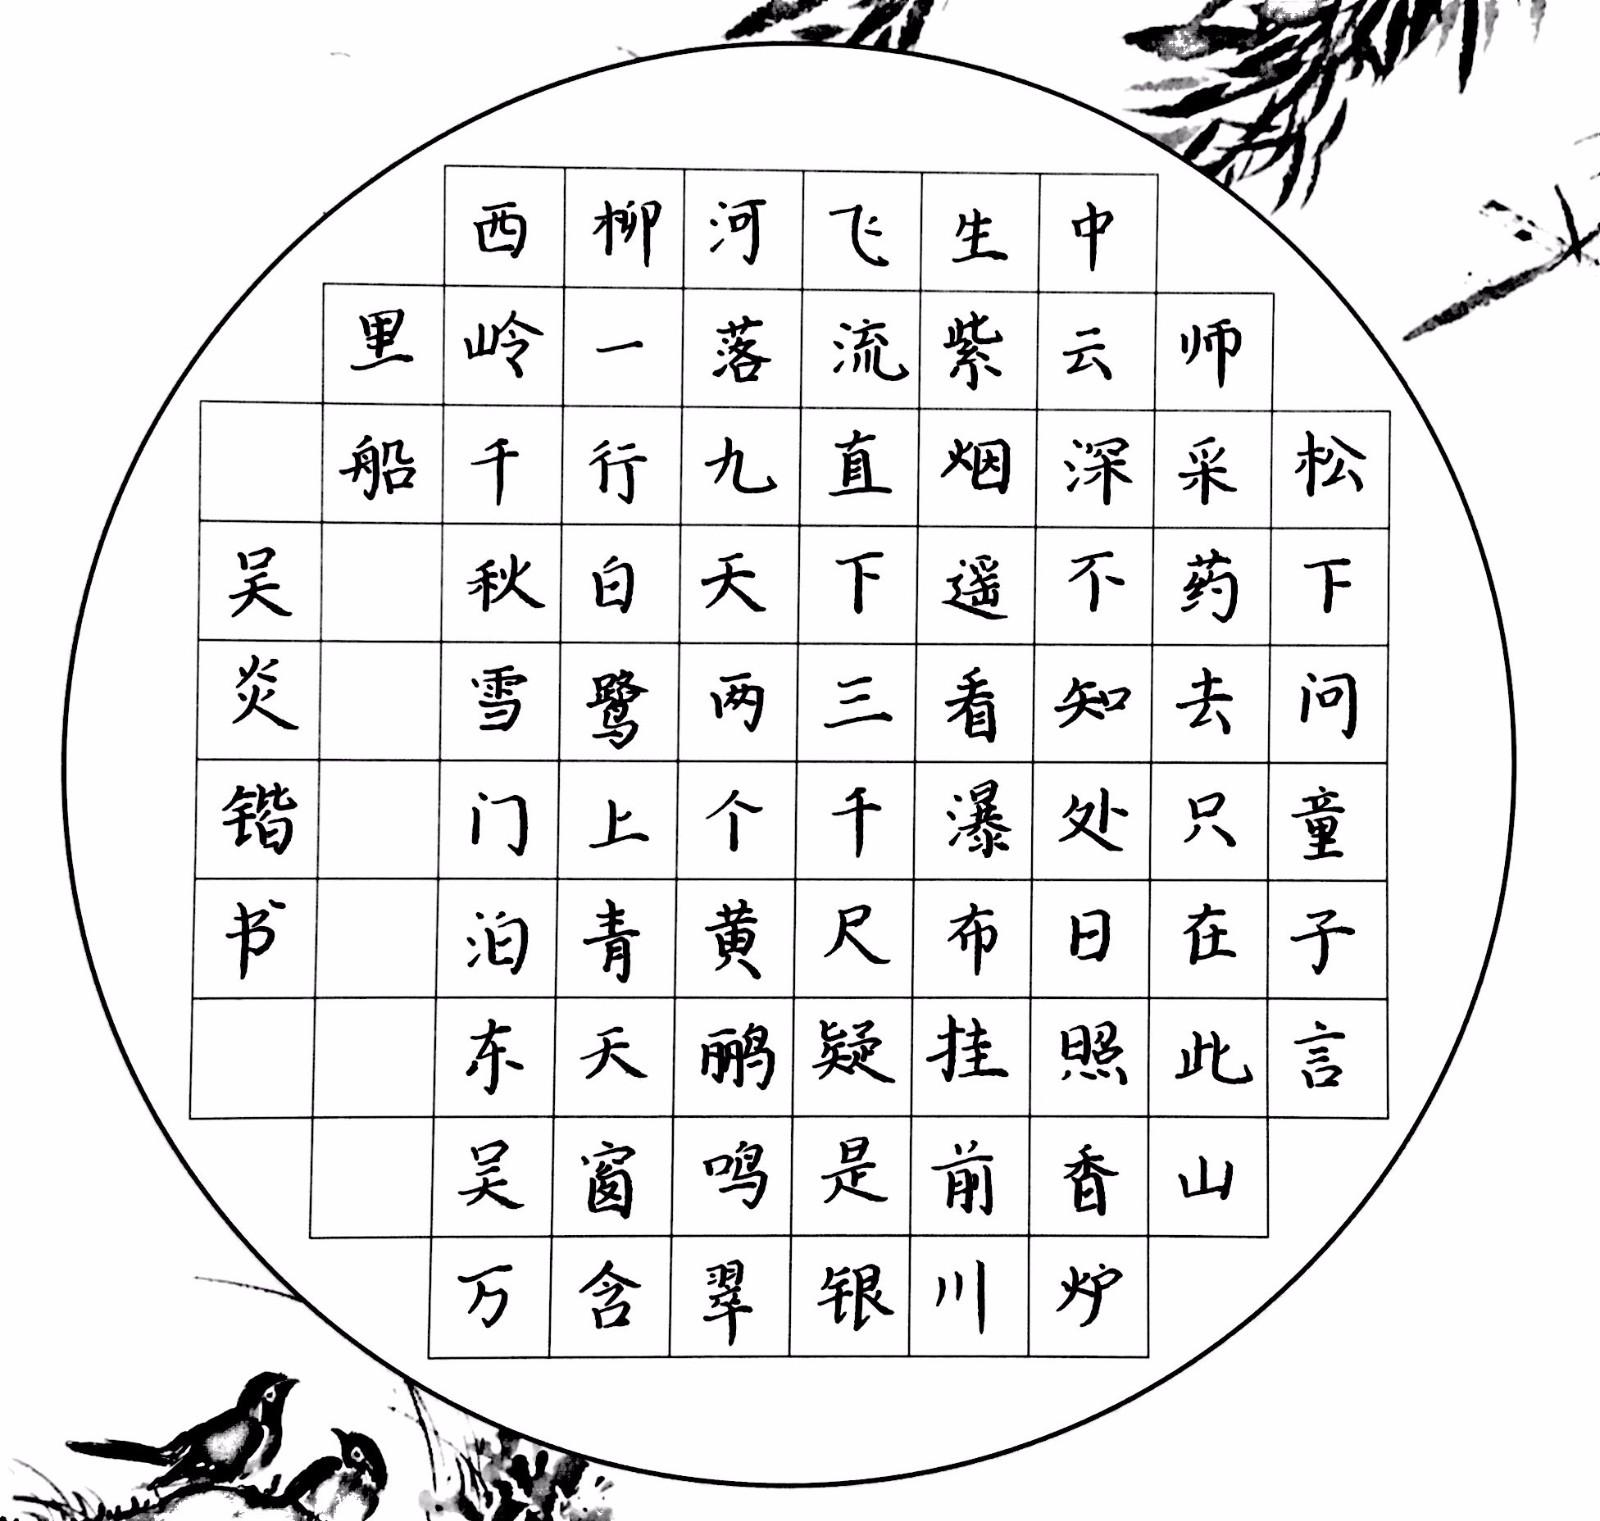 【名家小故事】连王羲之练书法都这么努力。你的孩子,更要努力